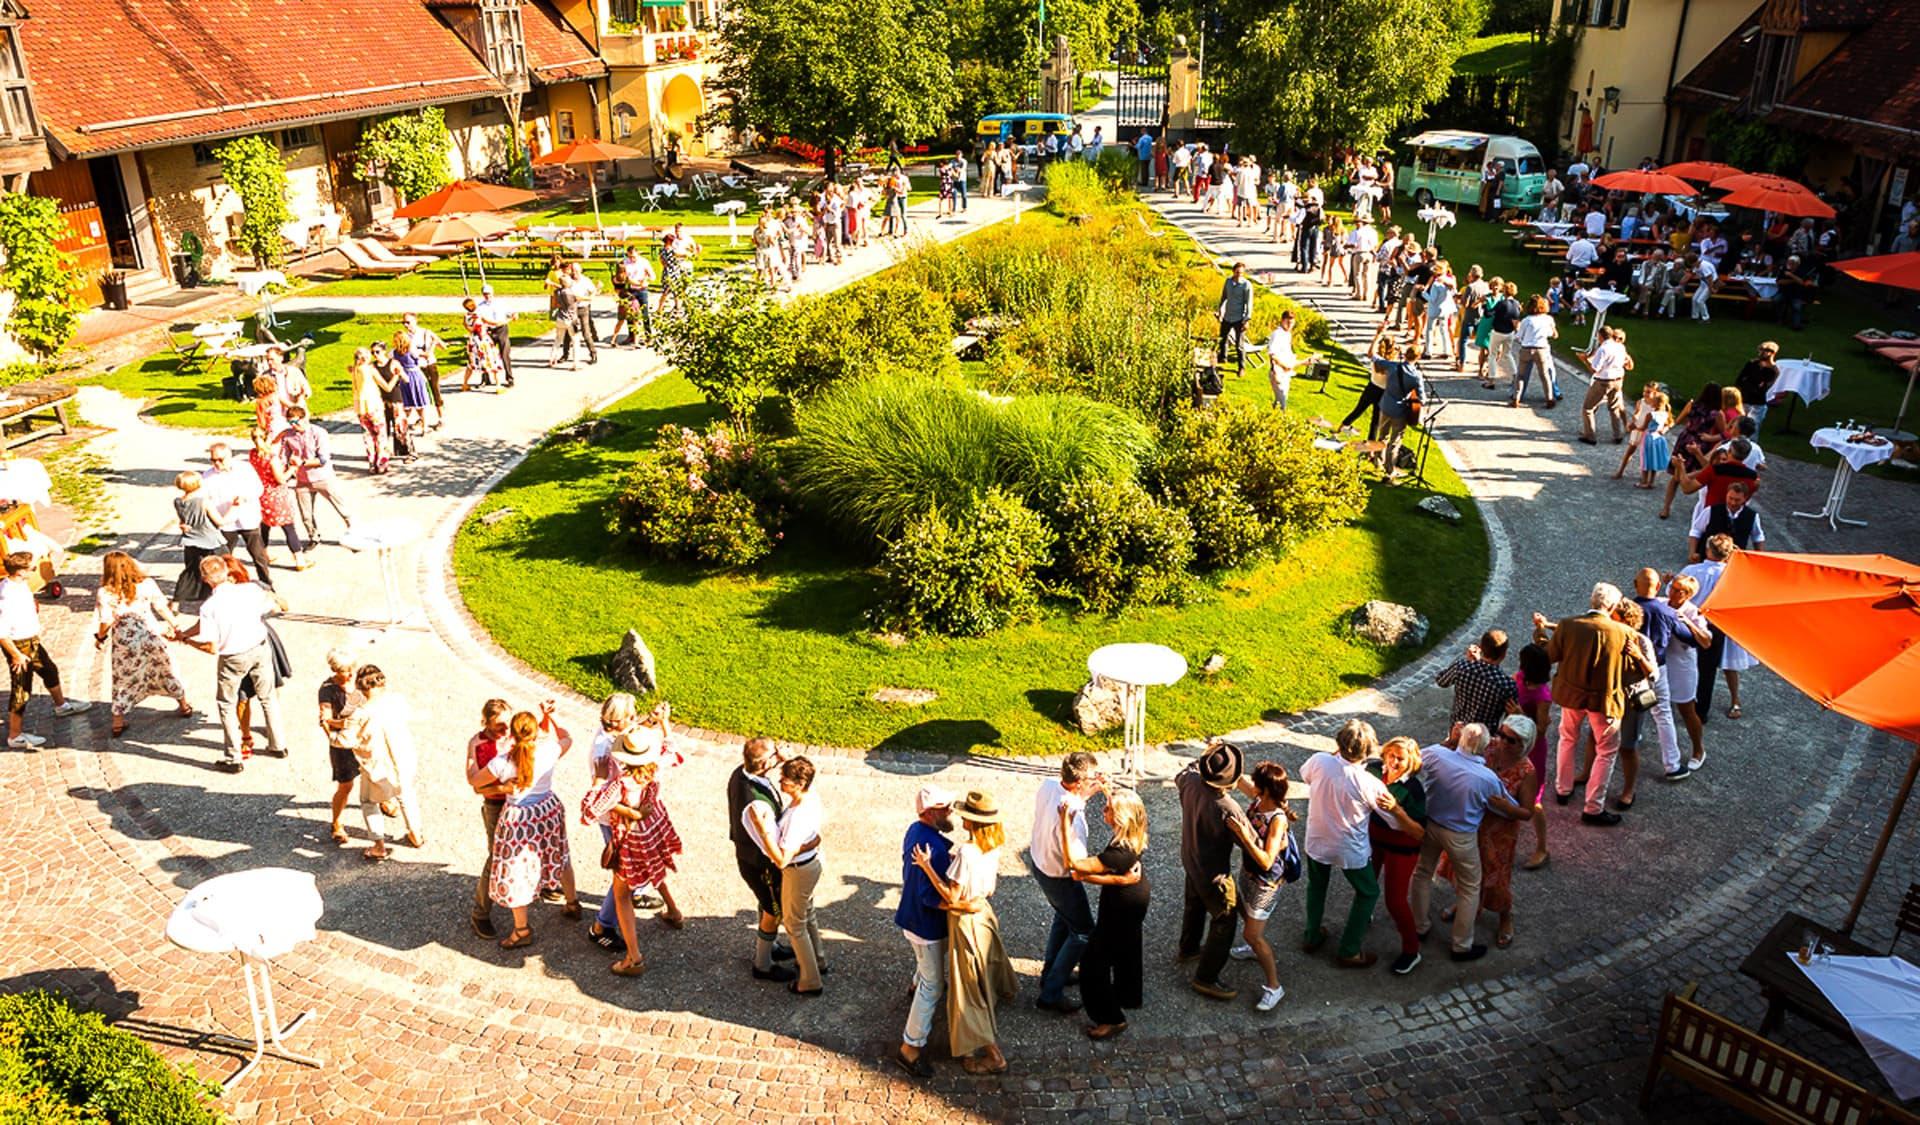 Gäste tanzen ausgelassen in einem Innenhof